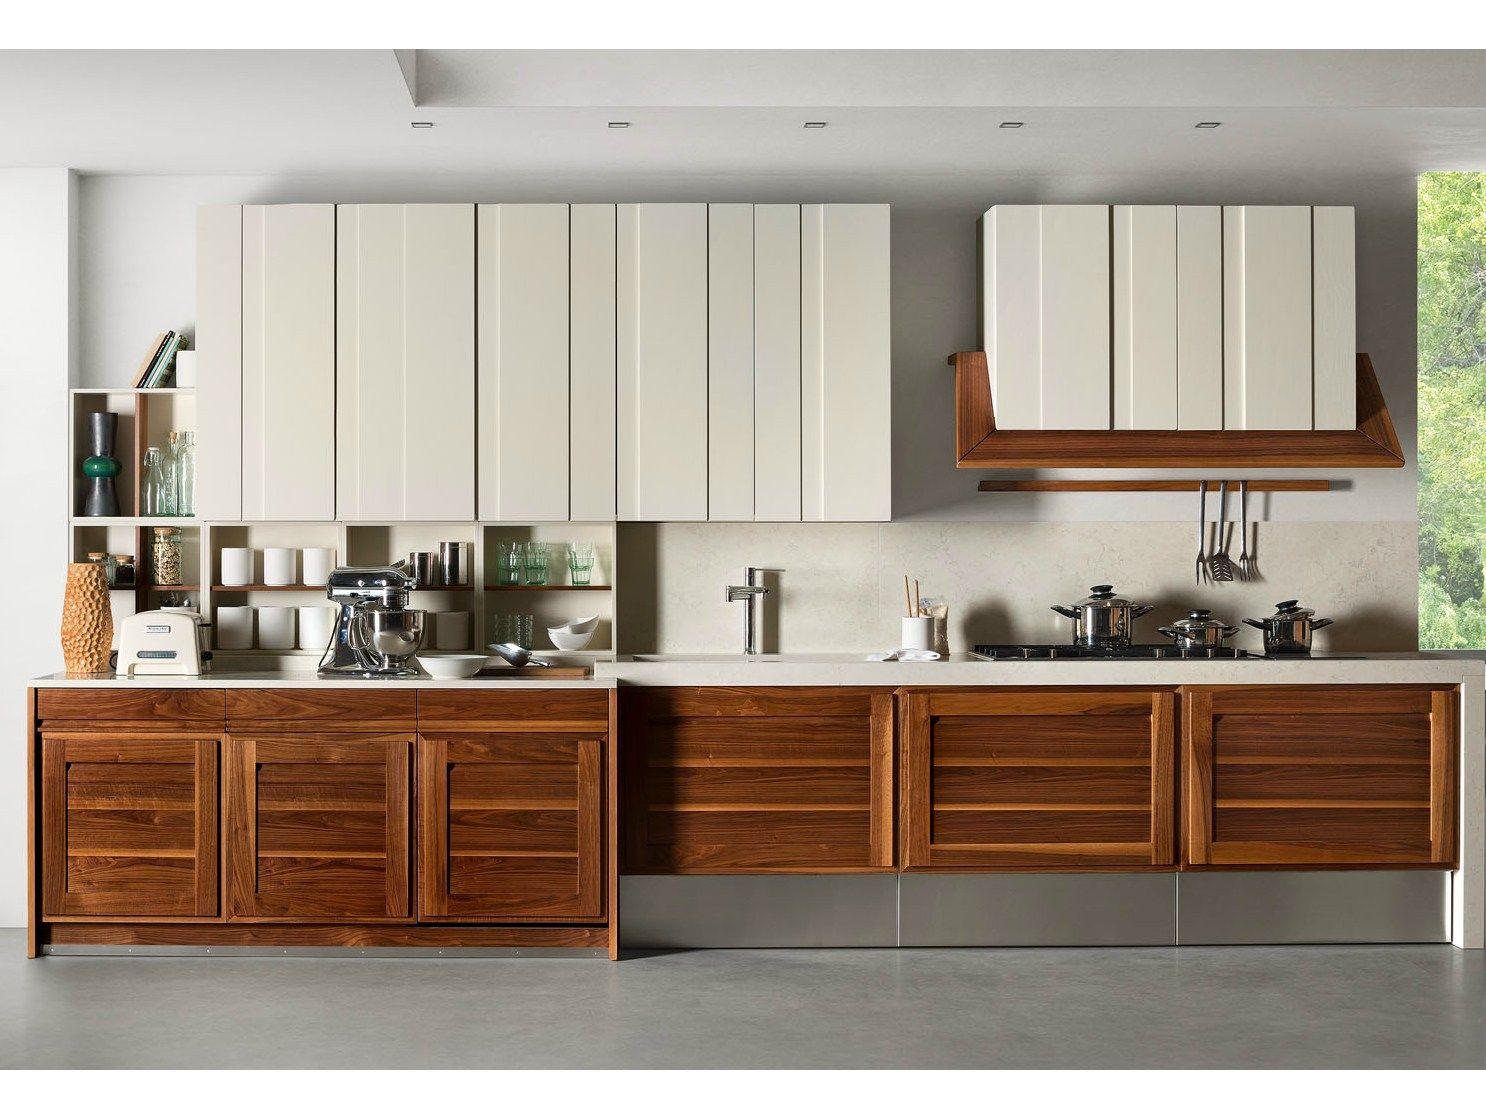 Cucina componibile in noce canaletto by l 39 ottocento - L ottocento mobili ...